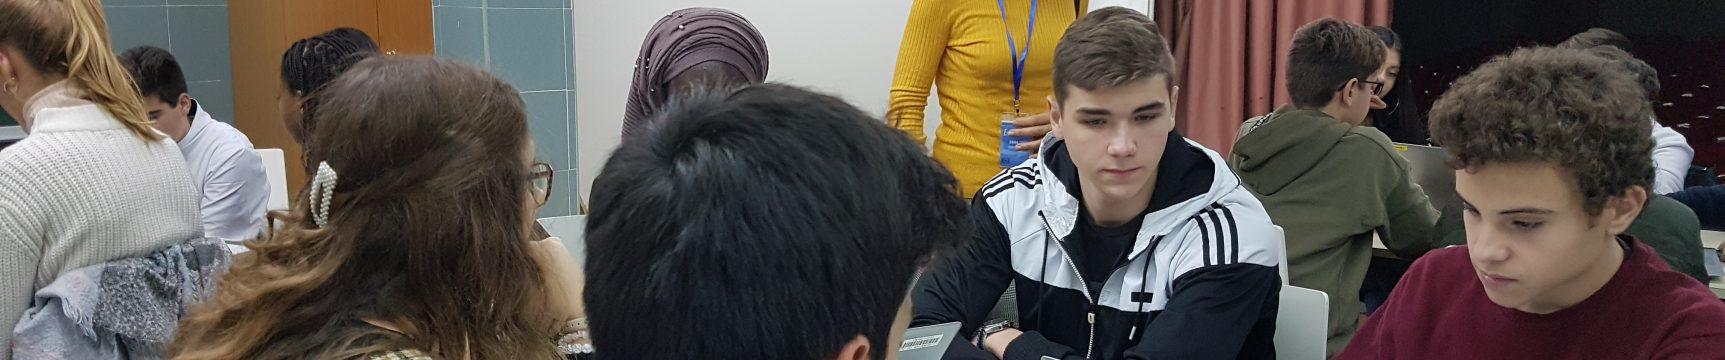 Digitální hry vznikají na Obchodní akademii Tomáše Bati v mezinárodní spolupráci